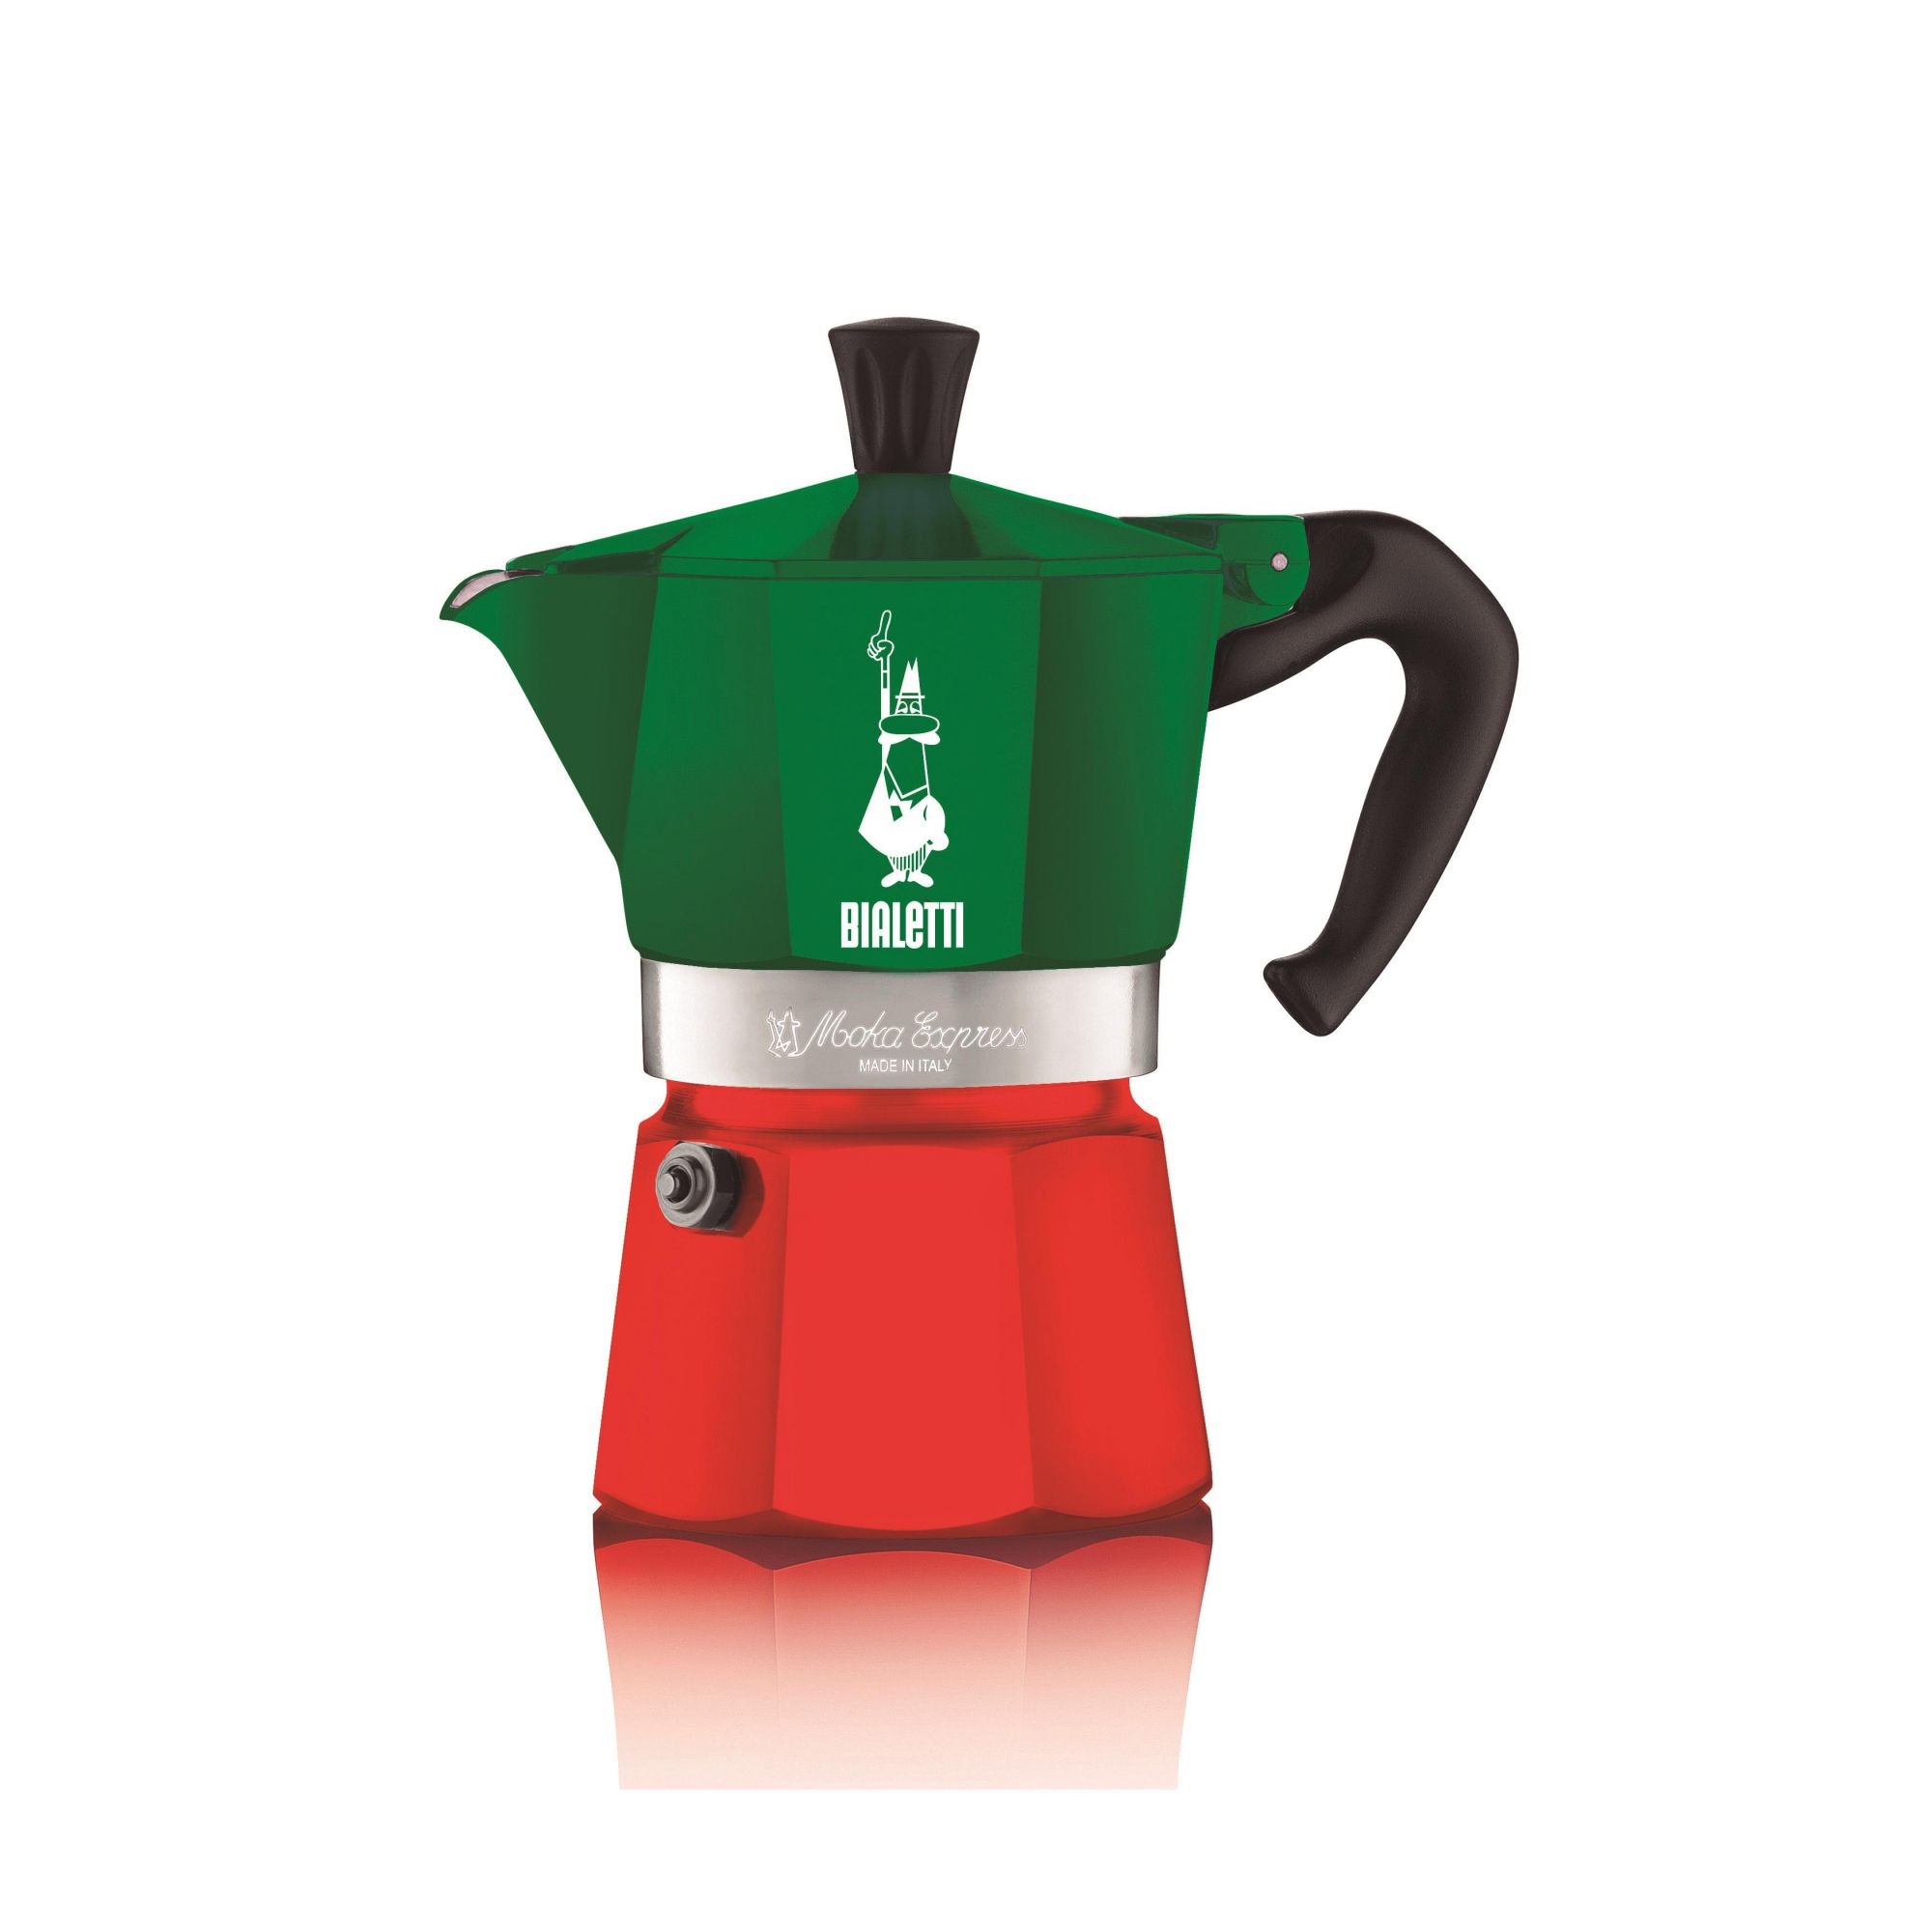 Cafeteira Bialetti 3 Xícaras Verde e Vermelha Italiana